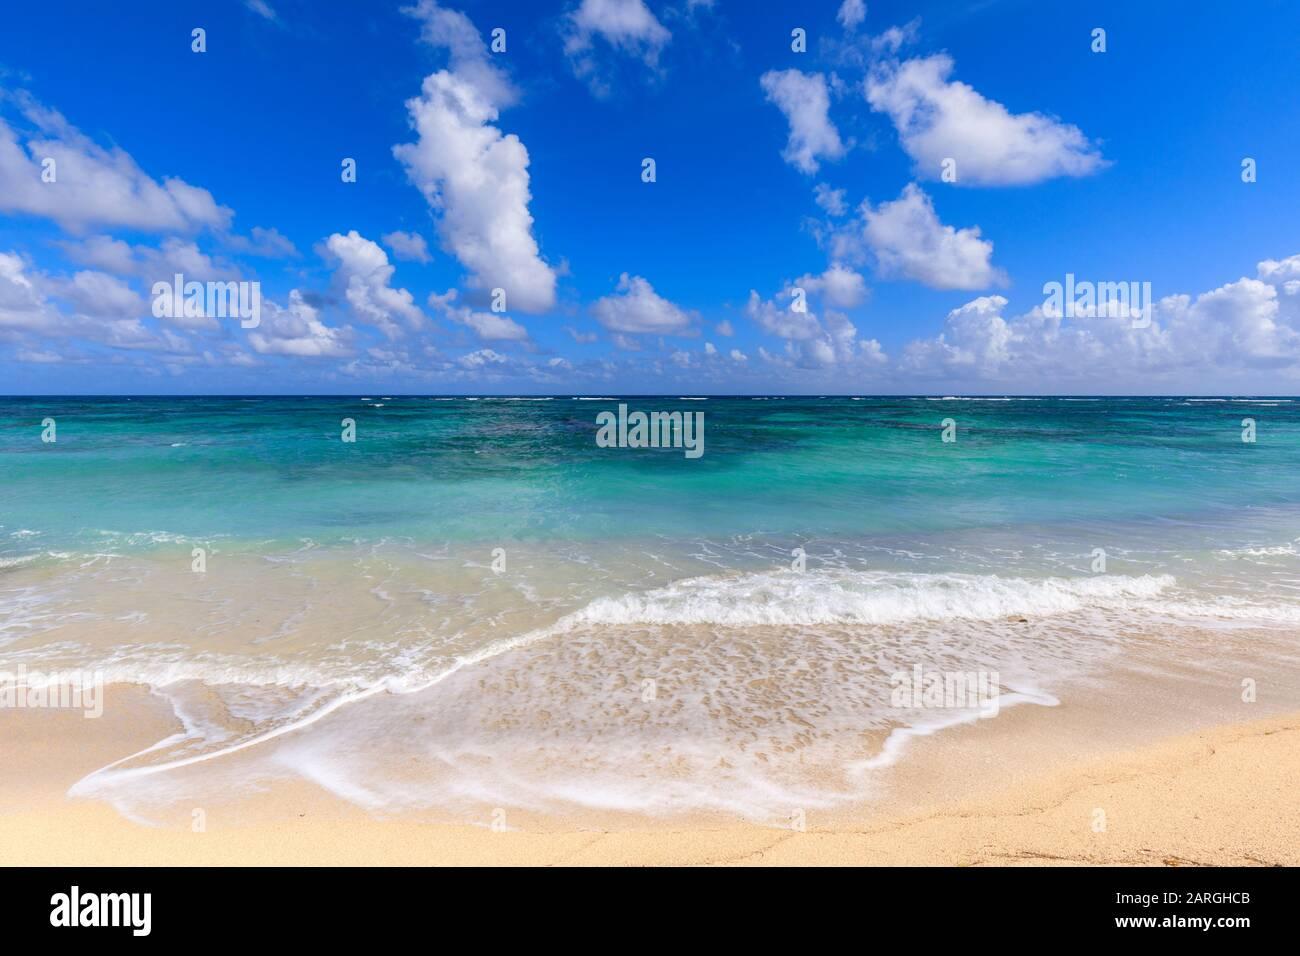 Plage De Nisbet, Mer Turquoise, Nevis, Saint-Kitts-Et-Nevis, Antilles, Caraïbes, Amérique Centrale Banque D'Images